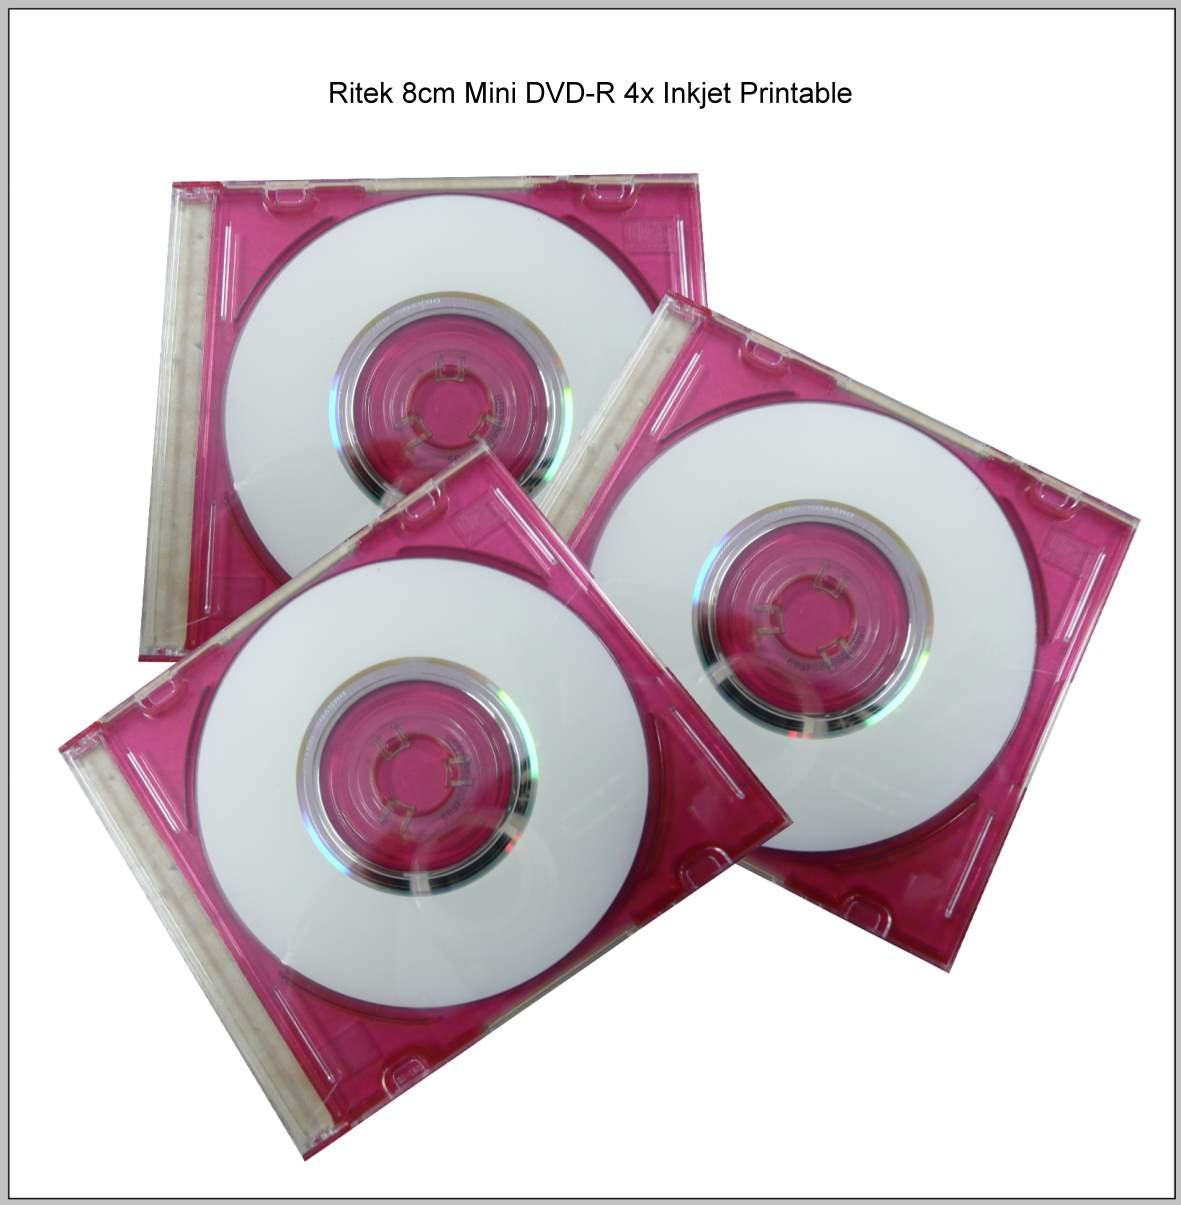 Ritek 8cm Mini DVD-R 4x Inkjet Printable